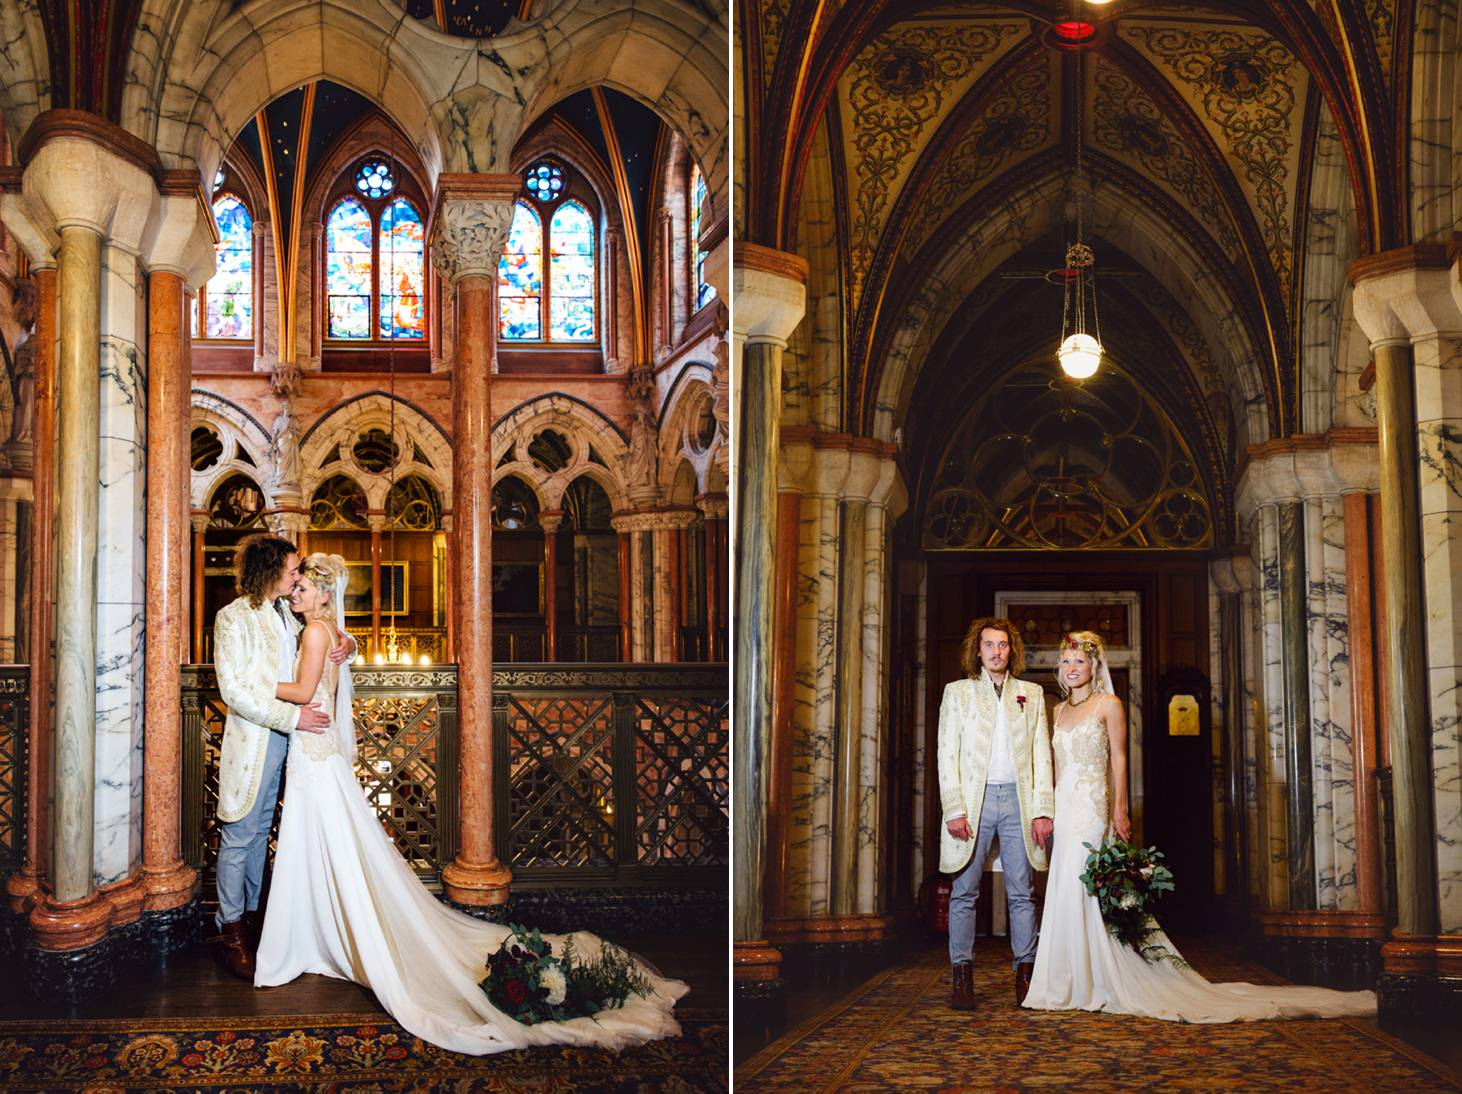 mount stuart wedding photography marble hall corridor